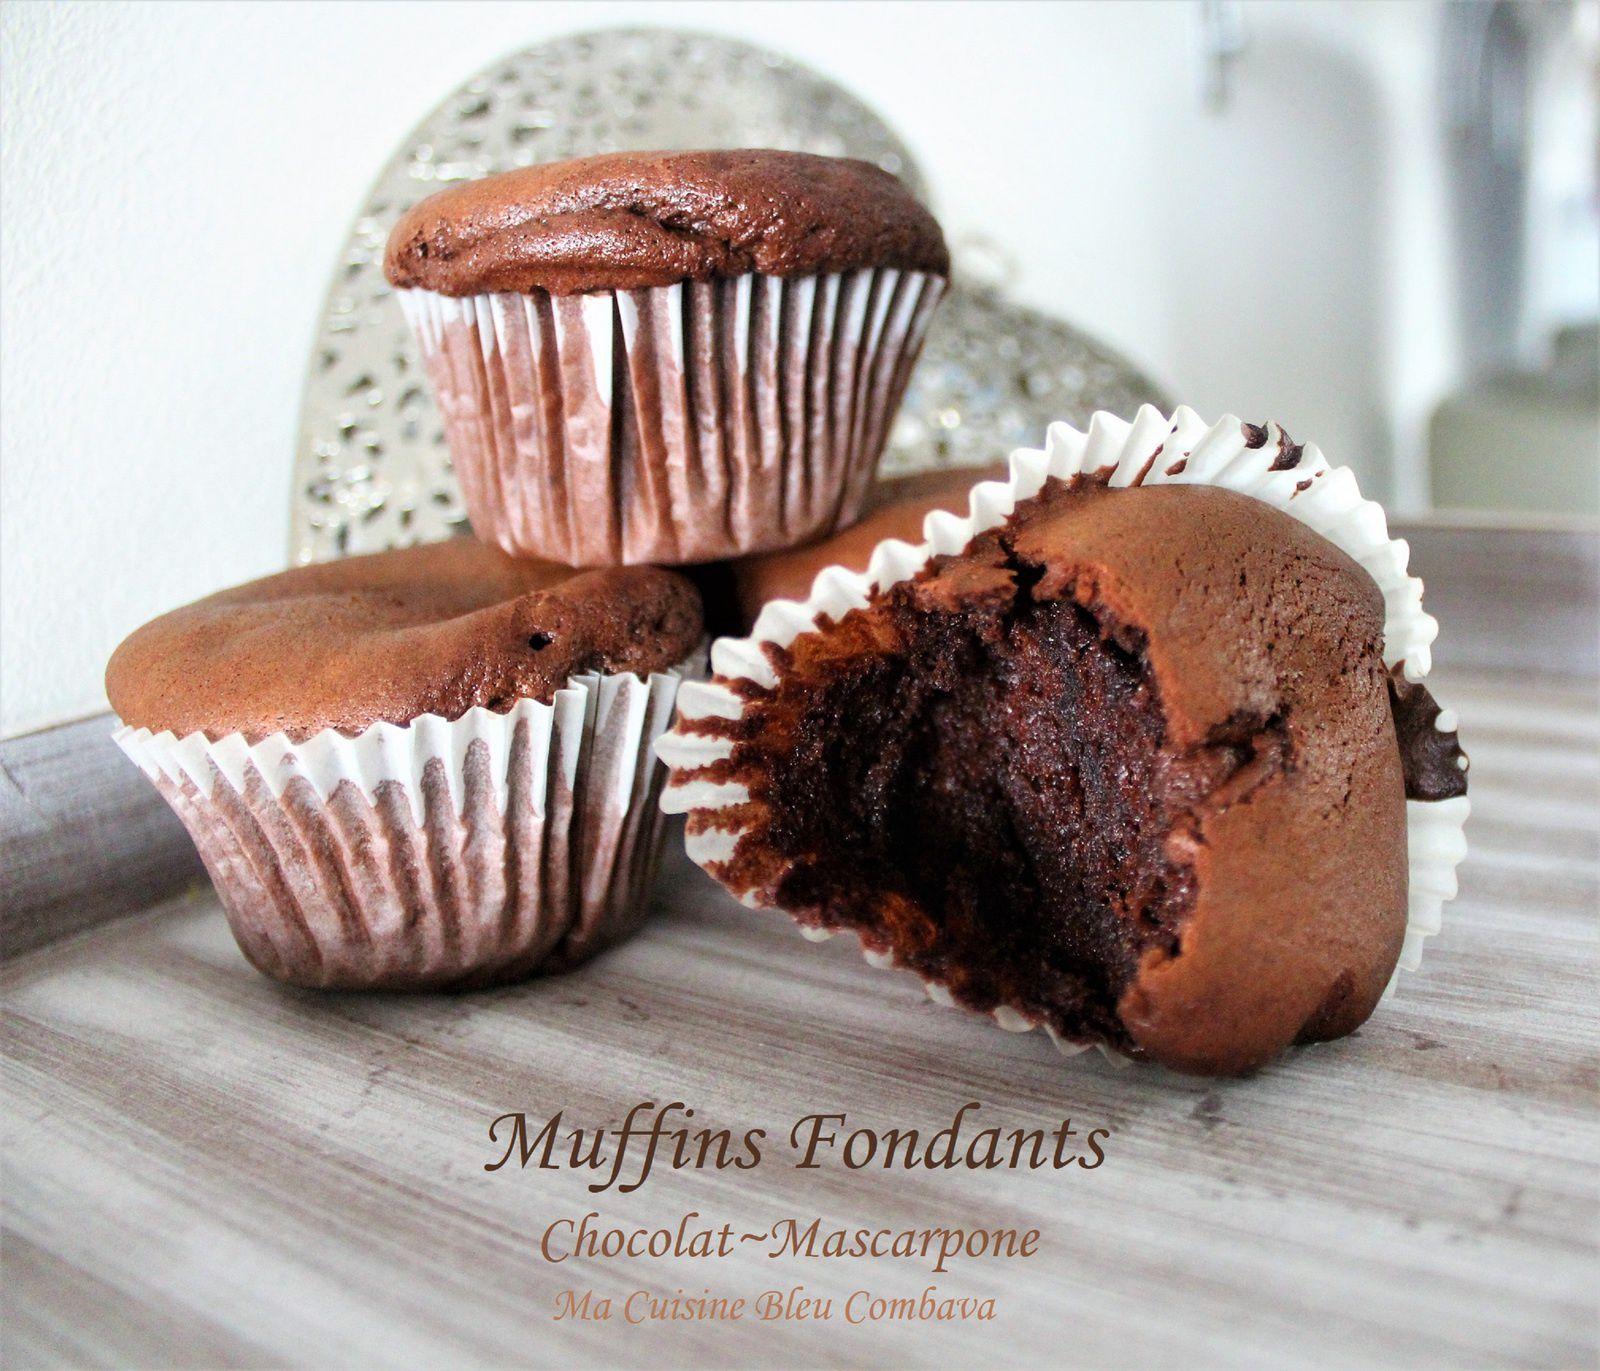 Muffins Fondants Chocolat~Mascarpone